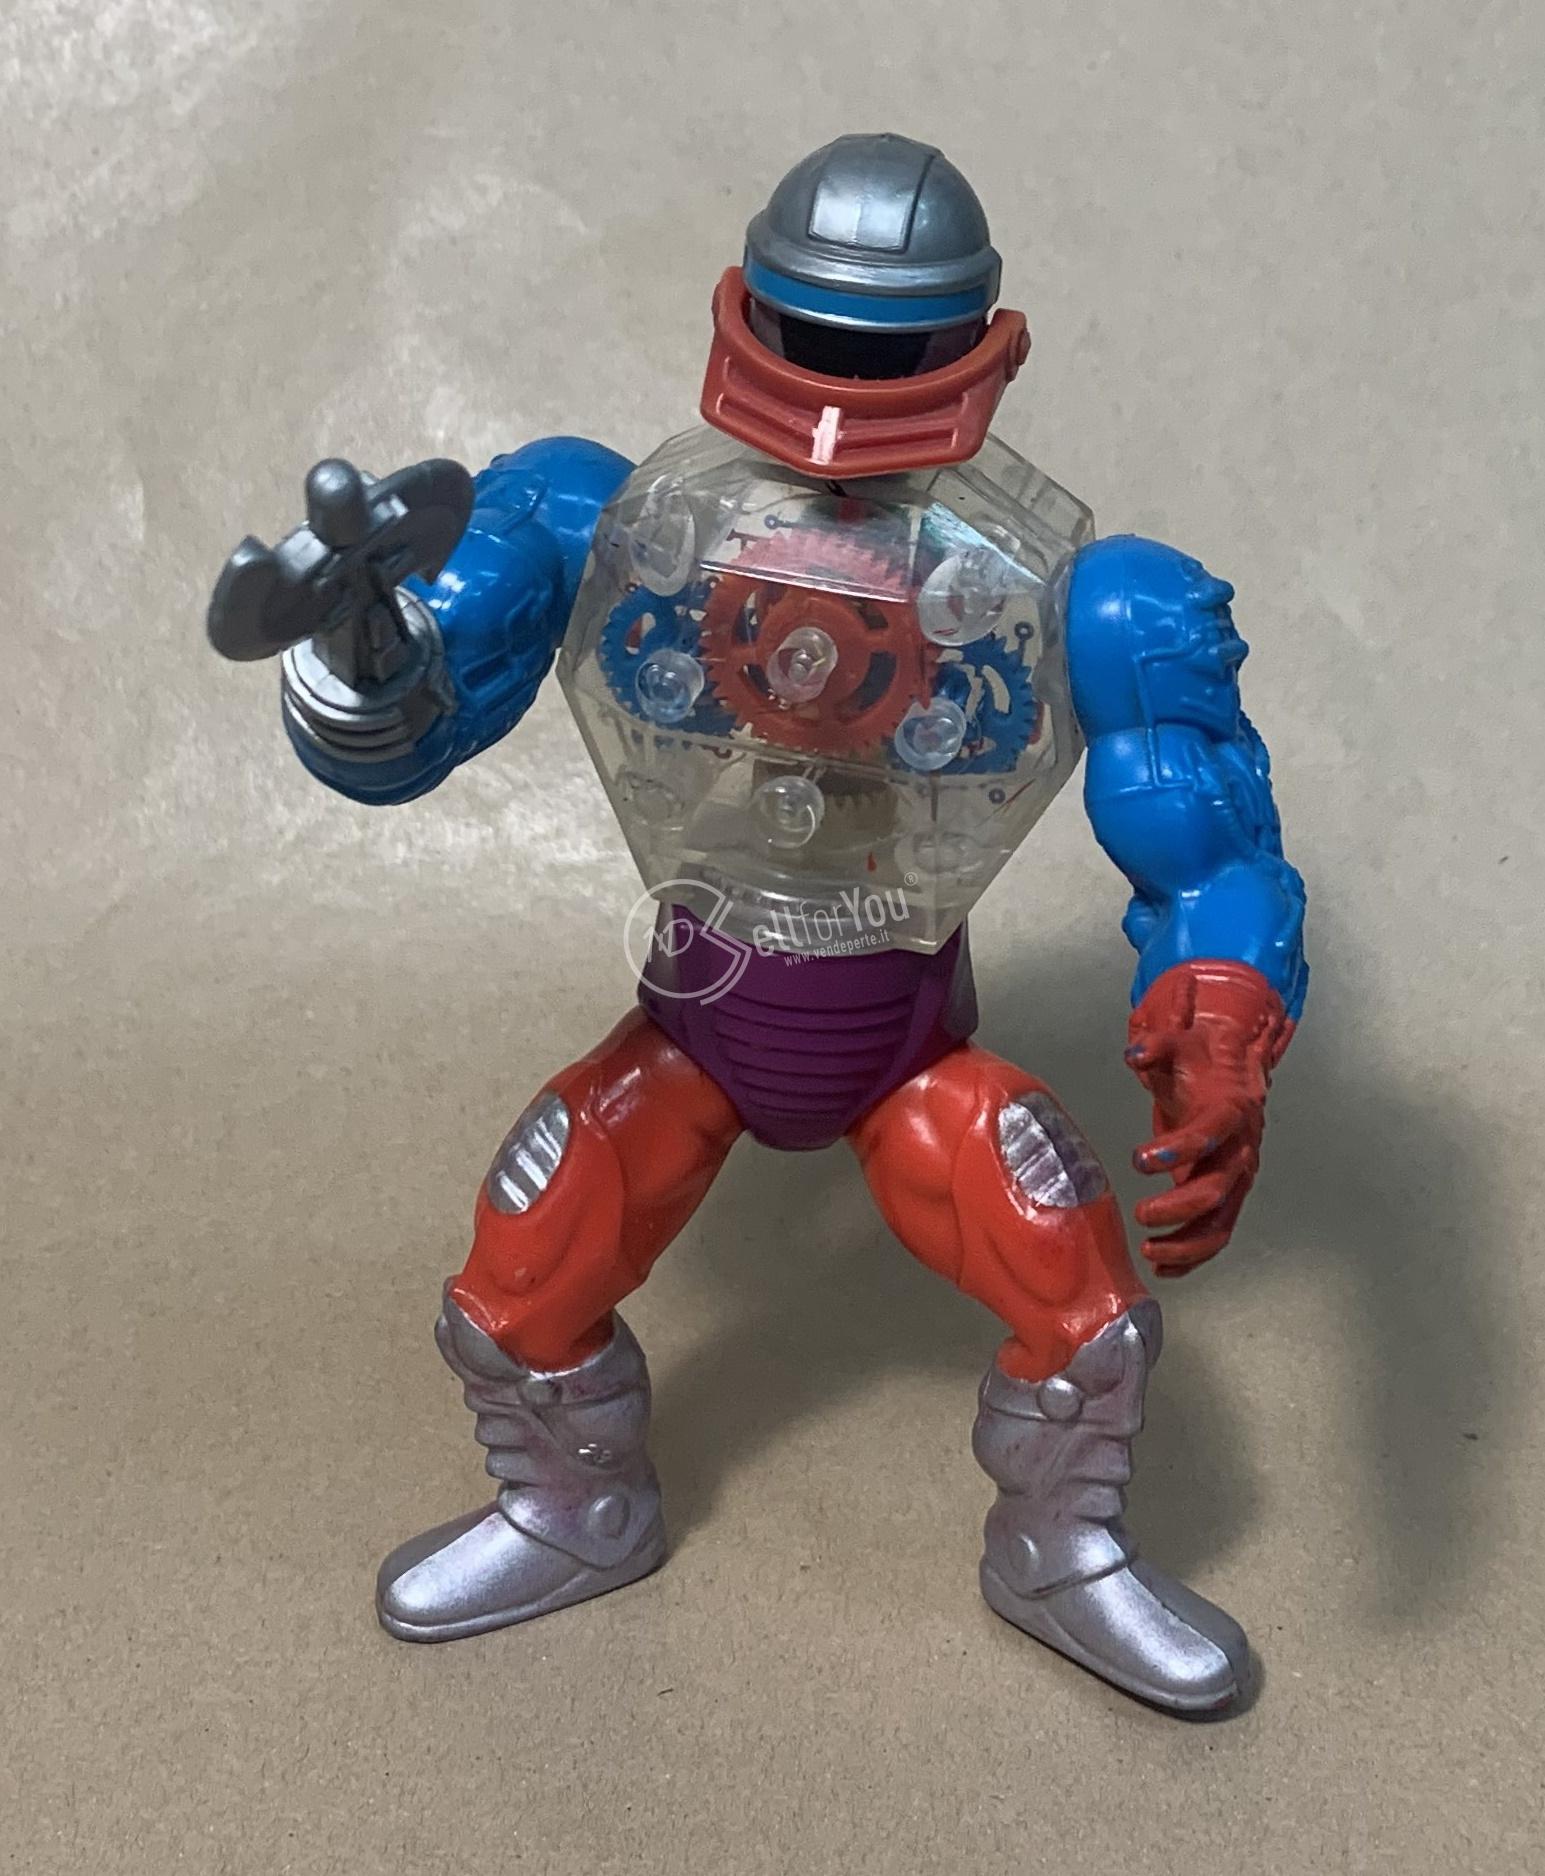 sellforyou immagine default articolo correlato non trovato Masters of Universe Roboto Mattel 1984